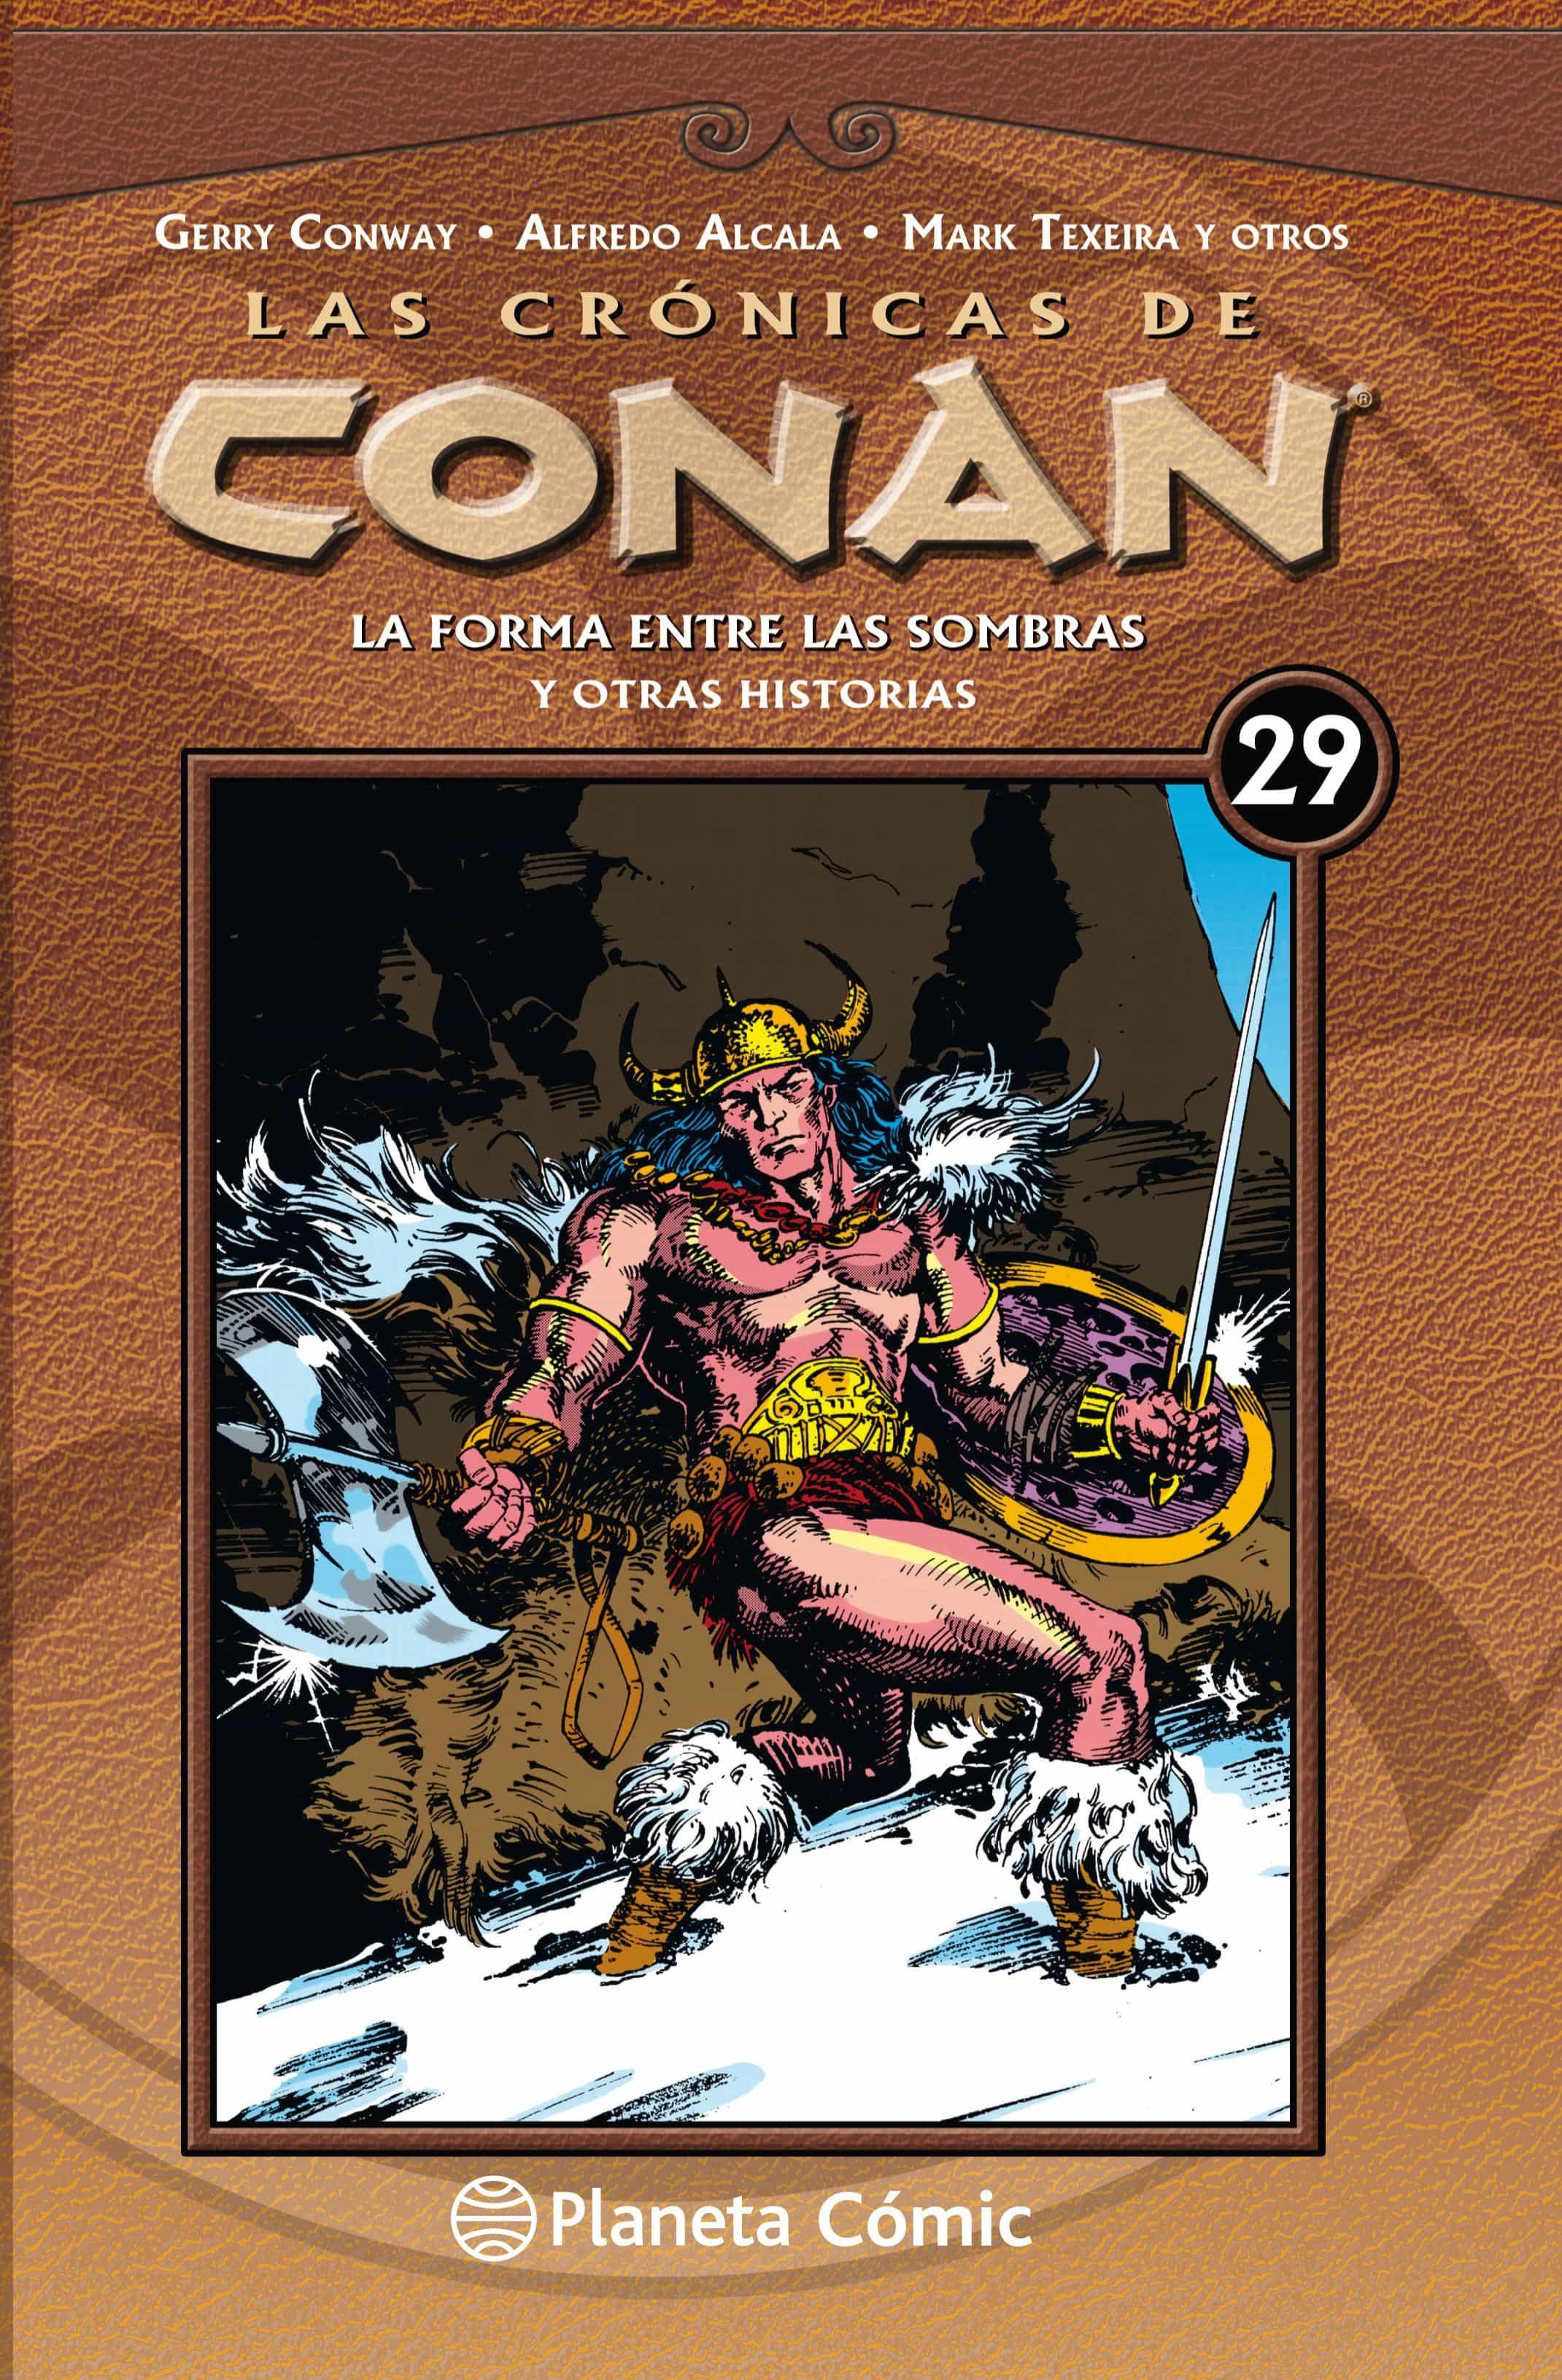 las cronicas de conan nº 29/34-gerry conway-9788491532002